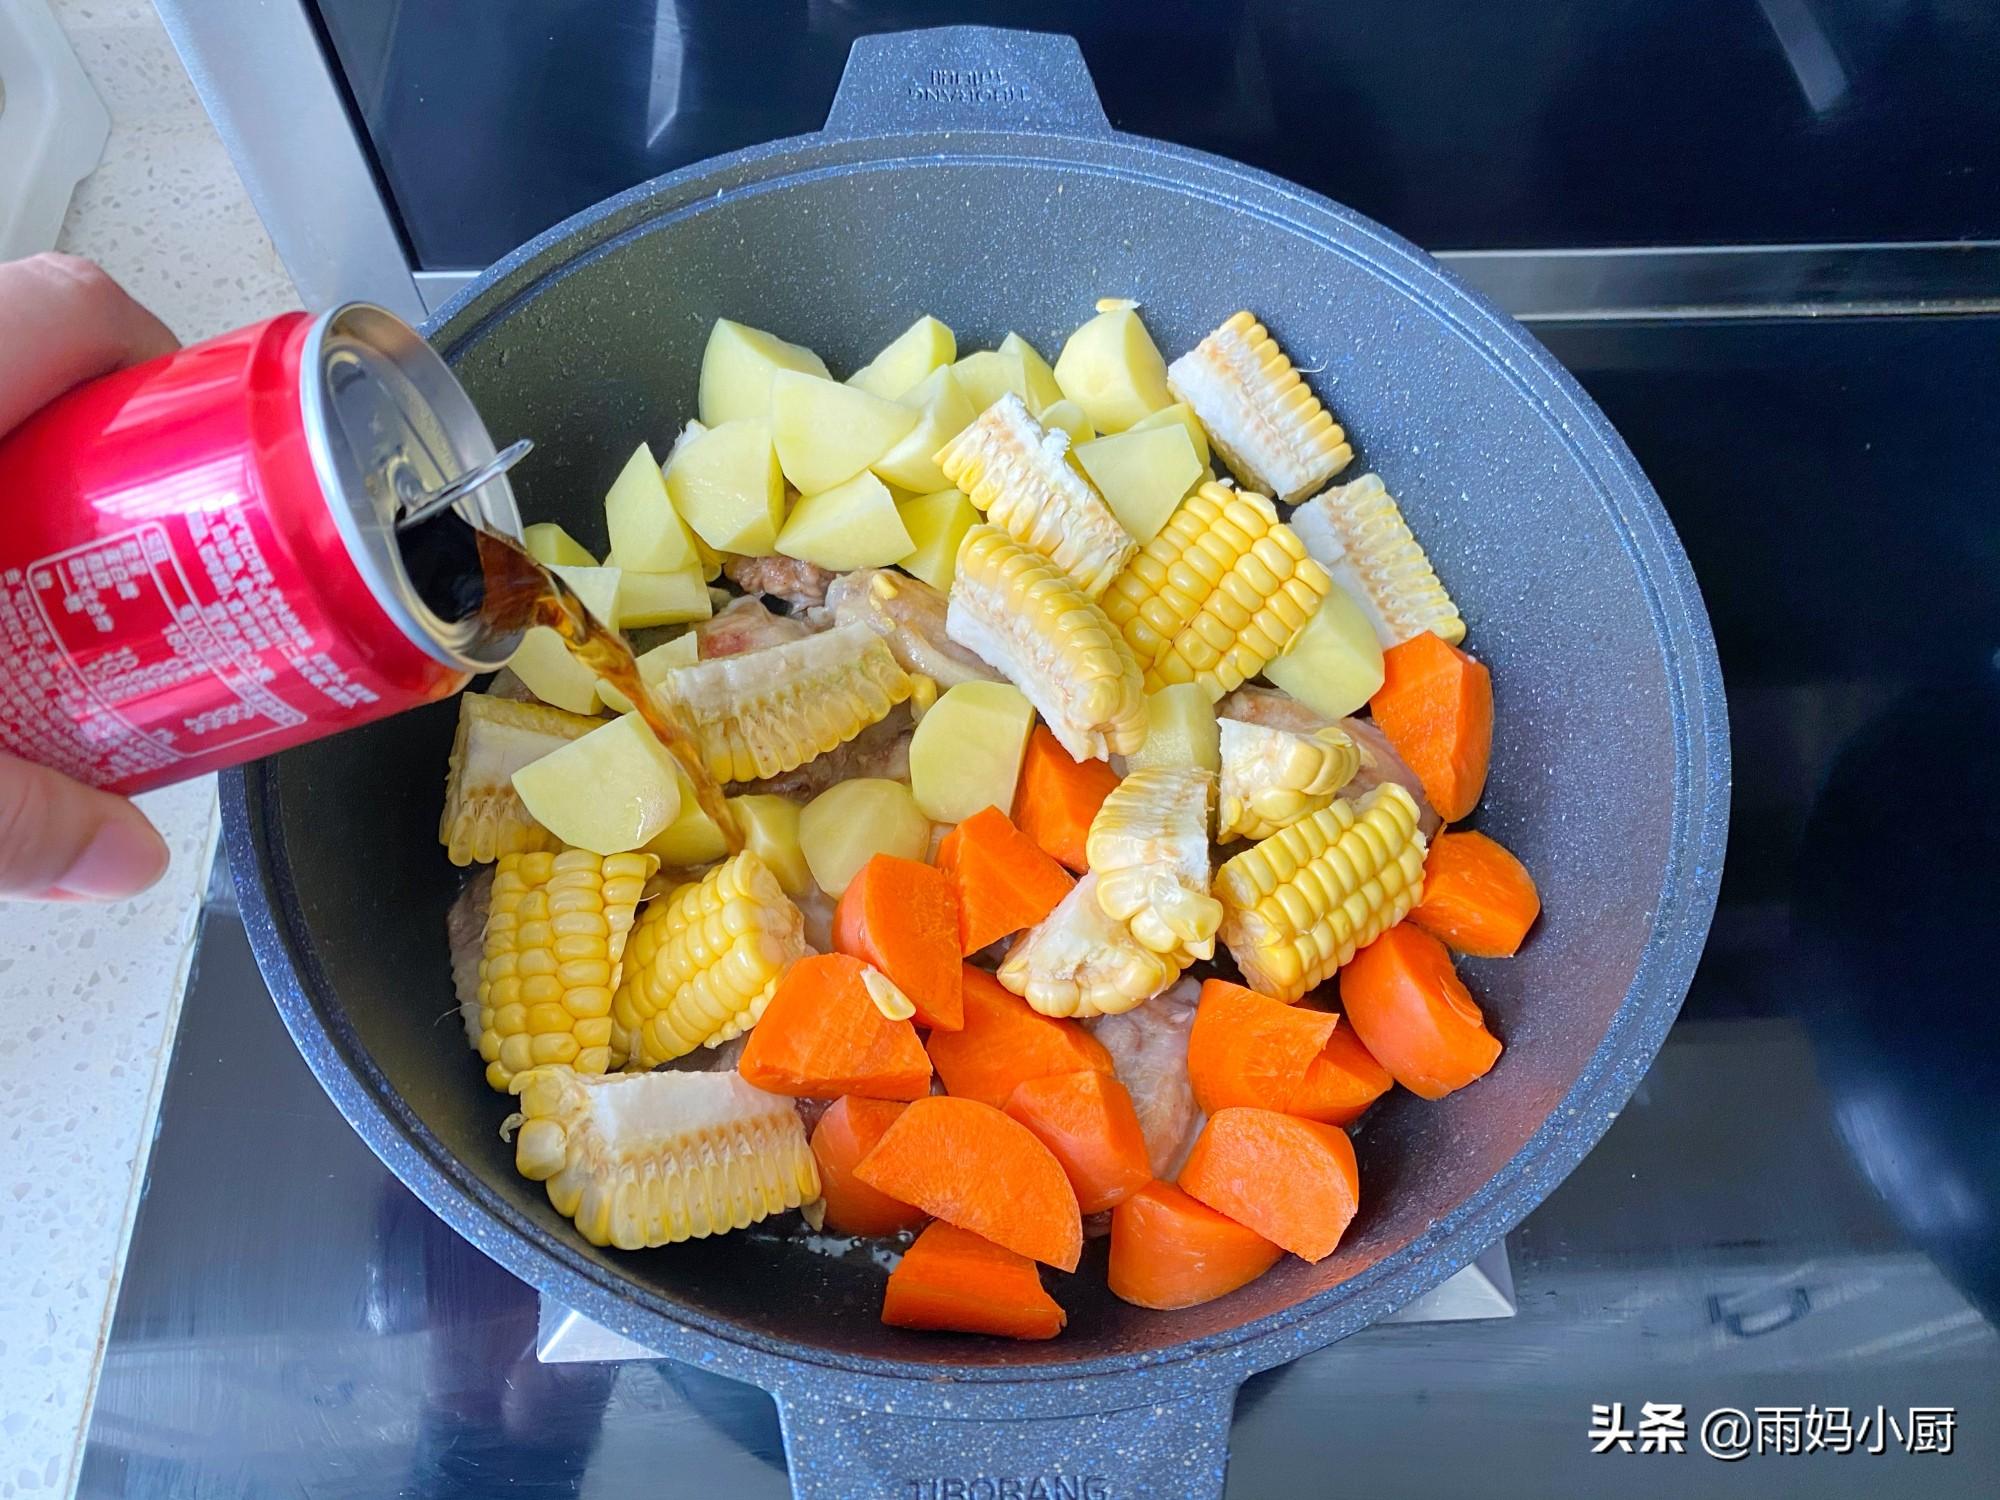 雞翅和土豆一起煲,越吃越香,富含滿滿膠原蛋白,好吃不會胖